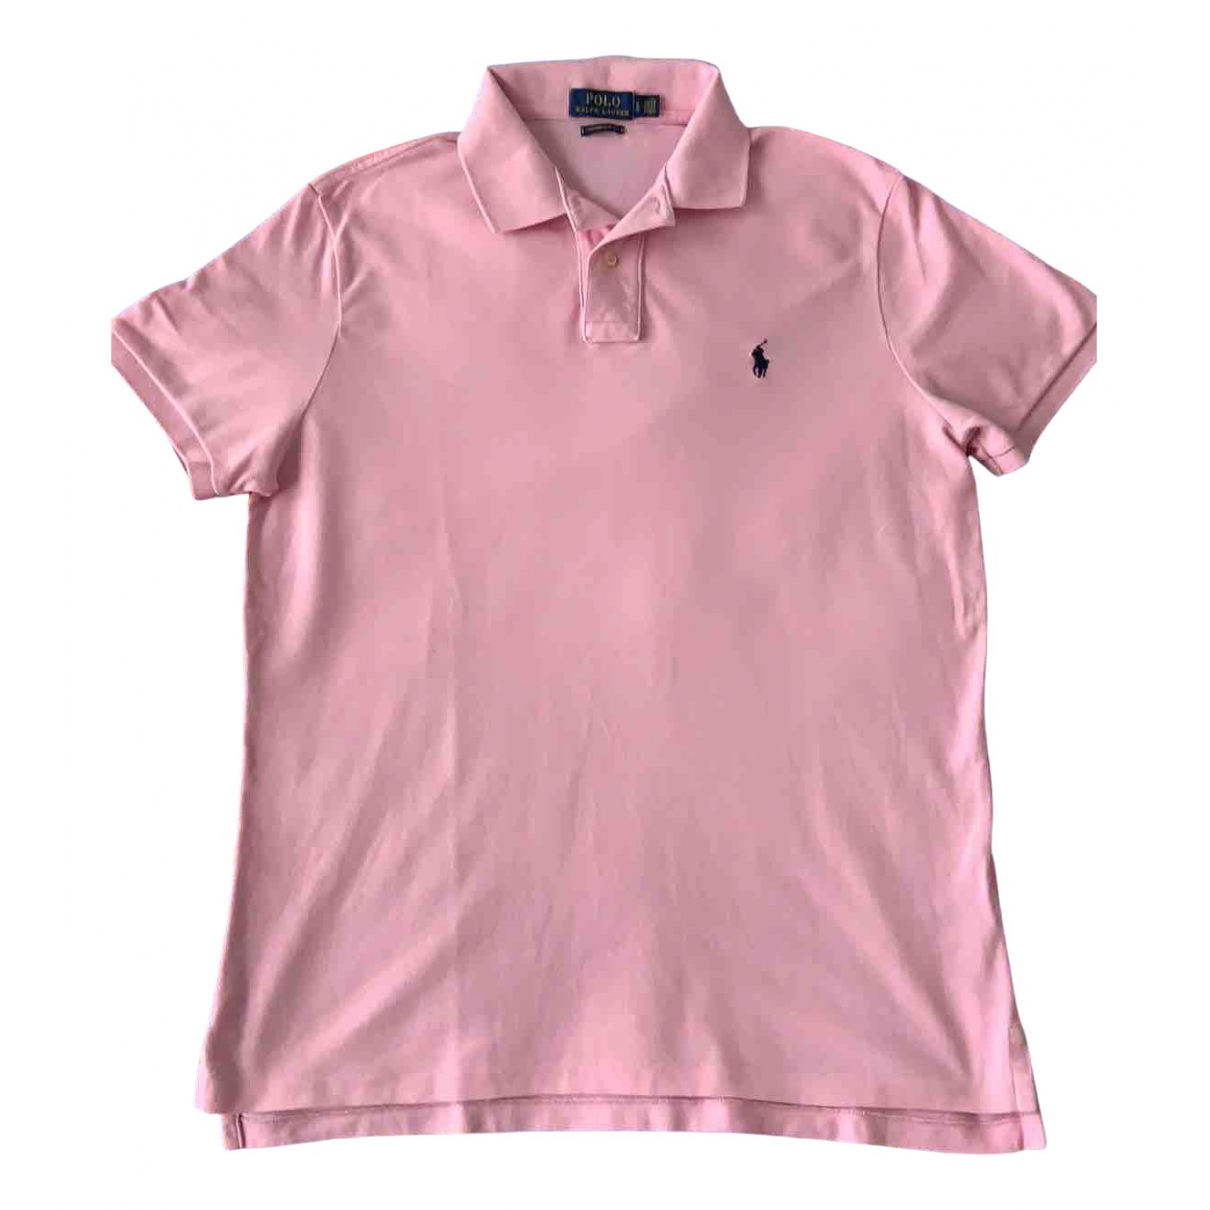 Polo Ralph Lauren - Polos Polo cintre manches courtes pour homme en coton - rose